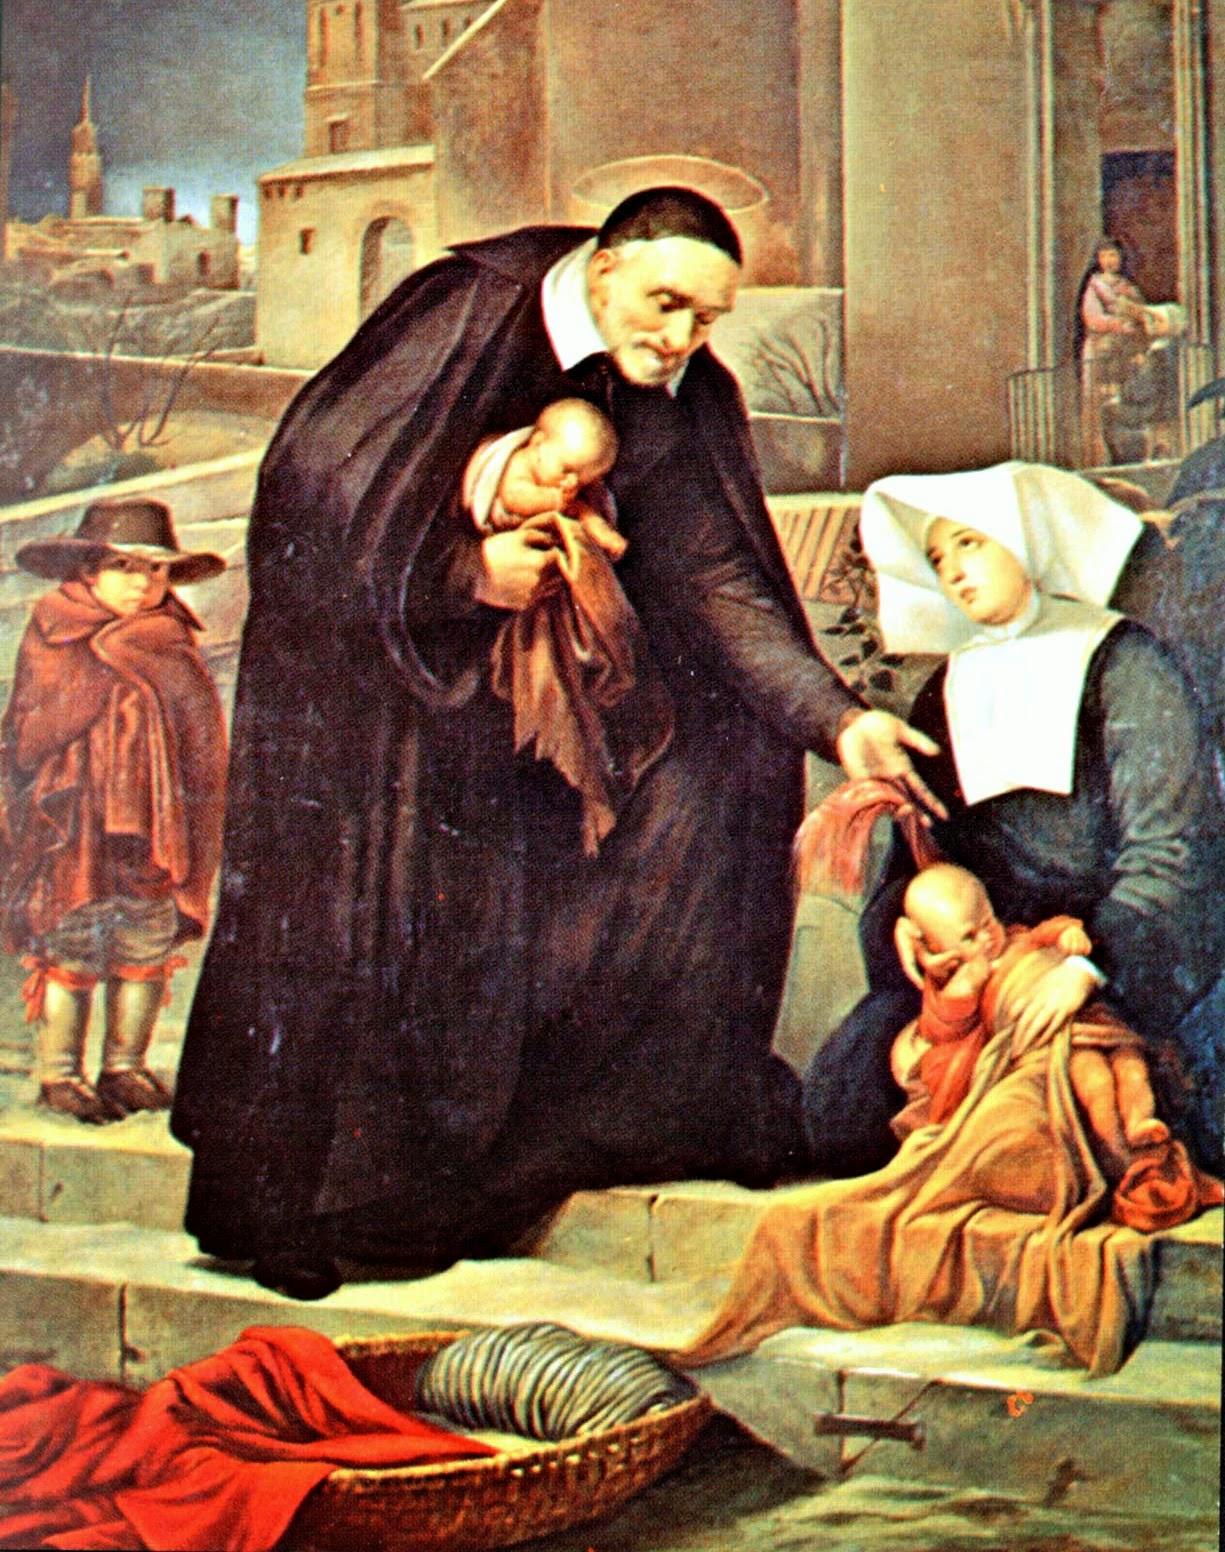 St. Vincent de Paul, Apostle of the Poor